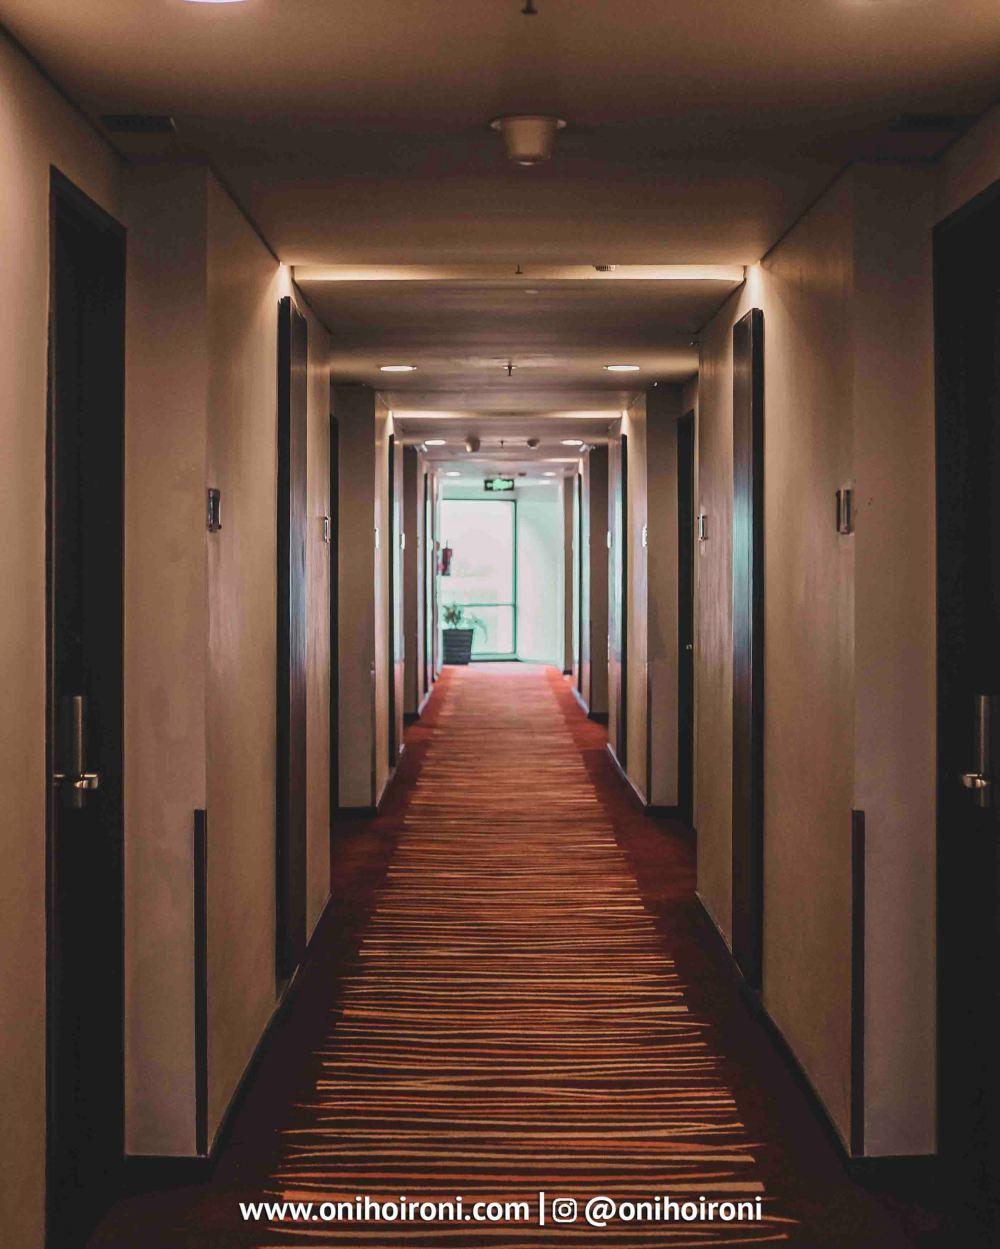 1 Room Aston Palembang oni hoironi.jpg